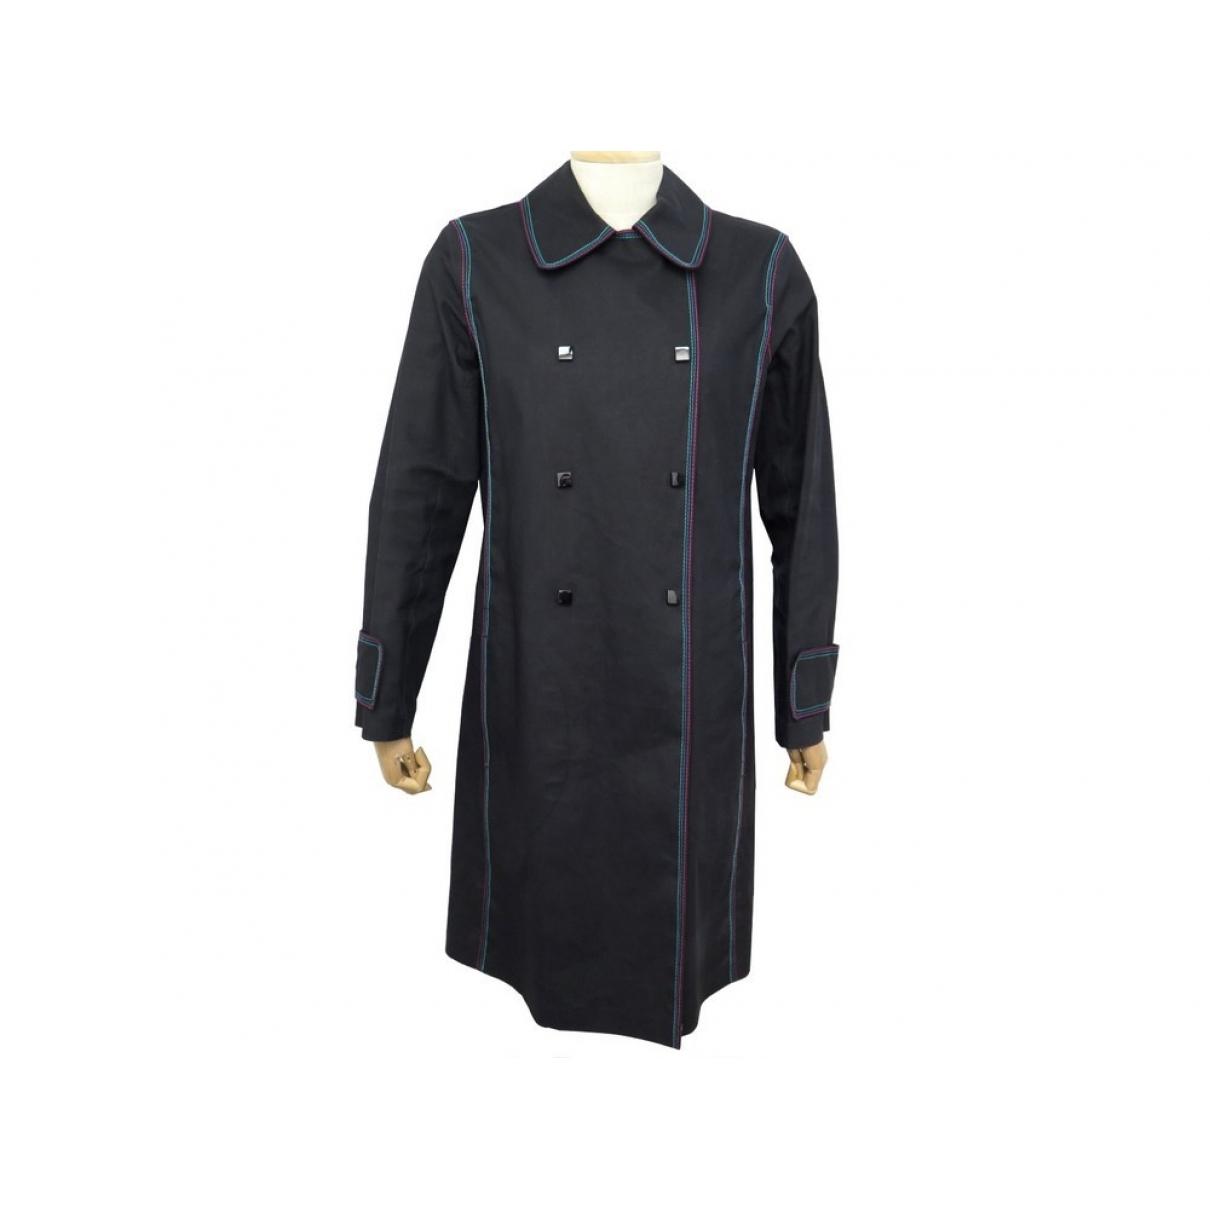 Louis Vuitton - Manteau   pour femme en coton - noir